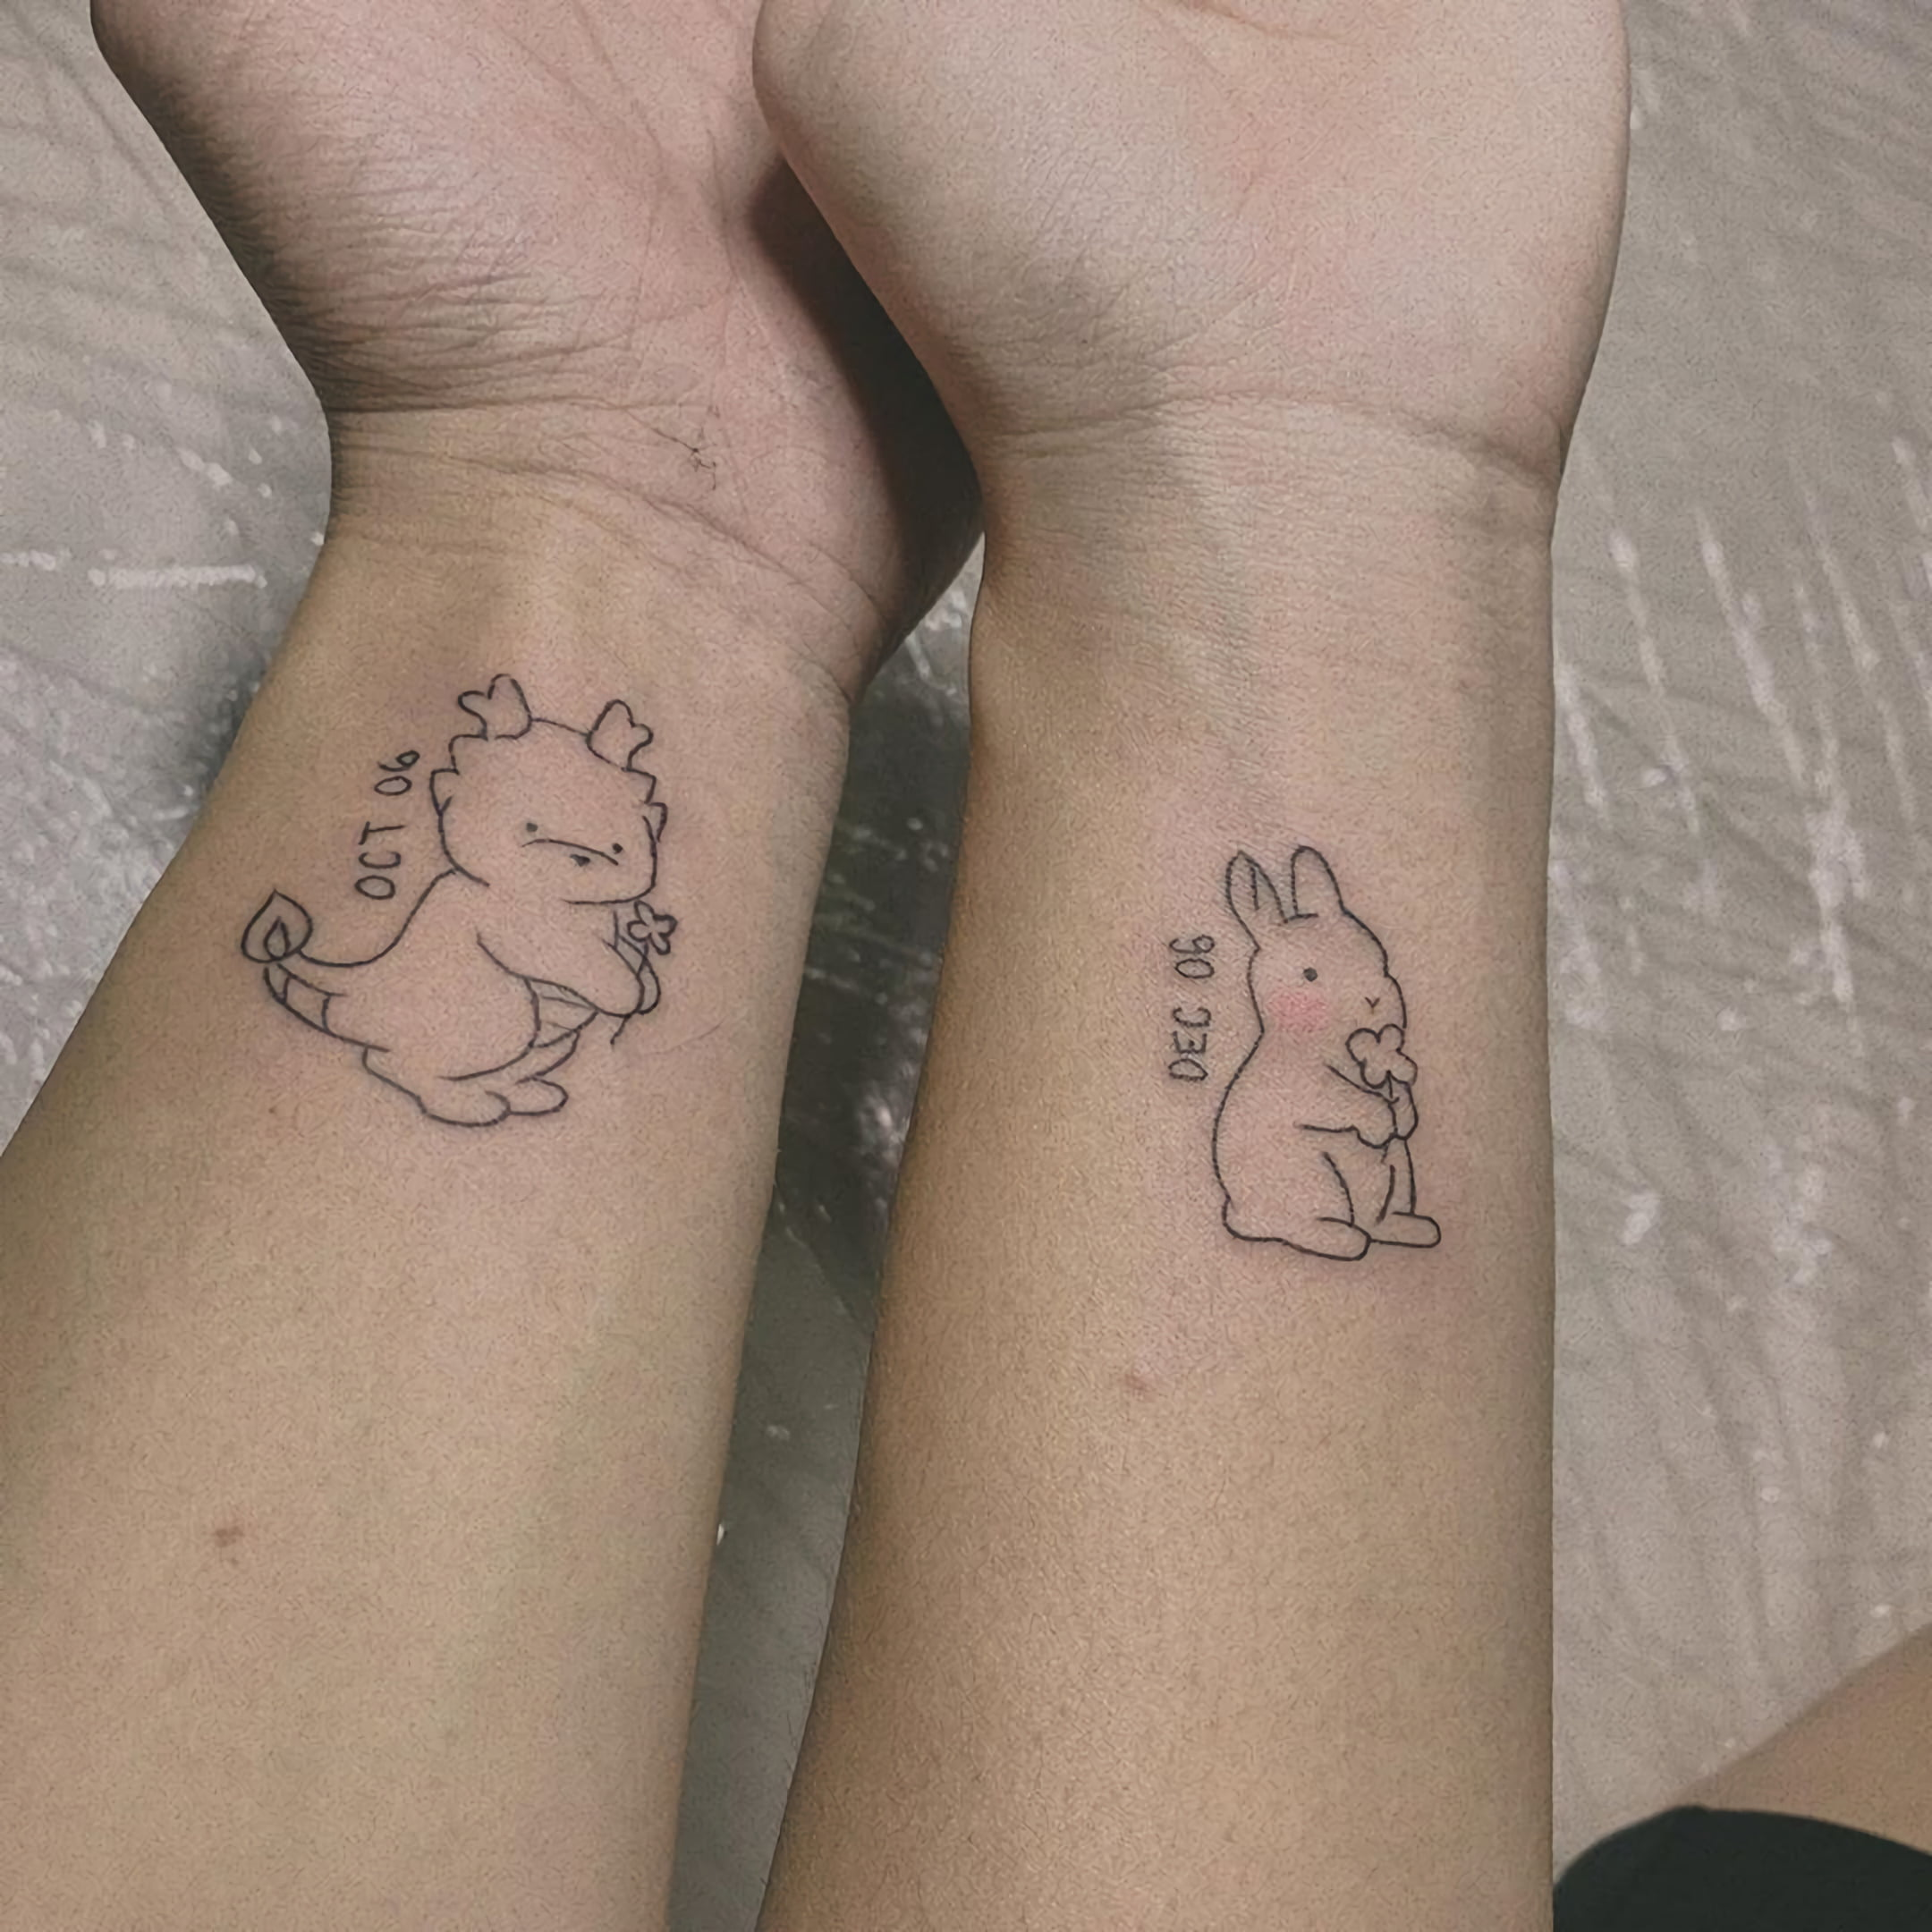 парные татуировки в стиле Дисней